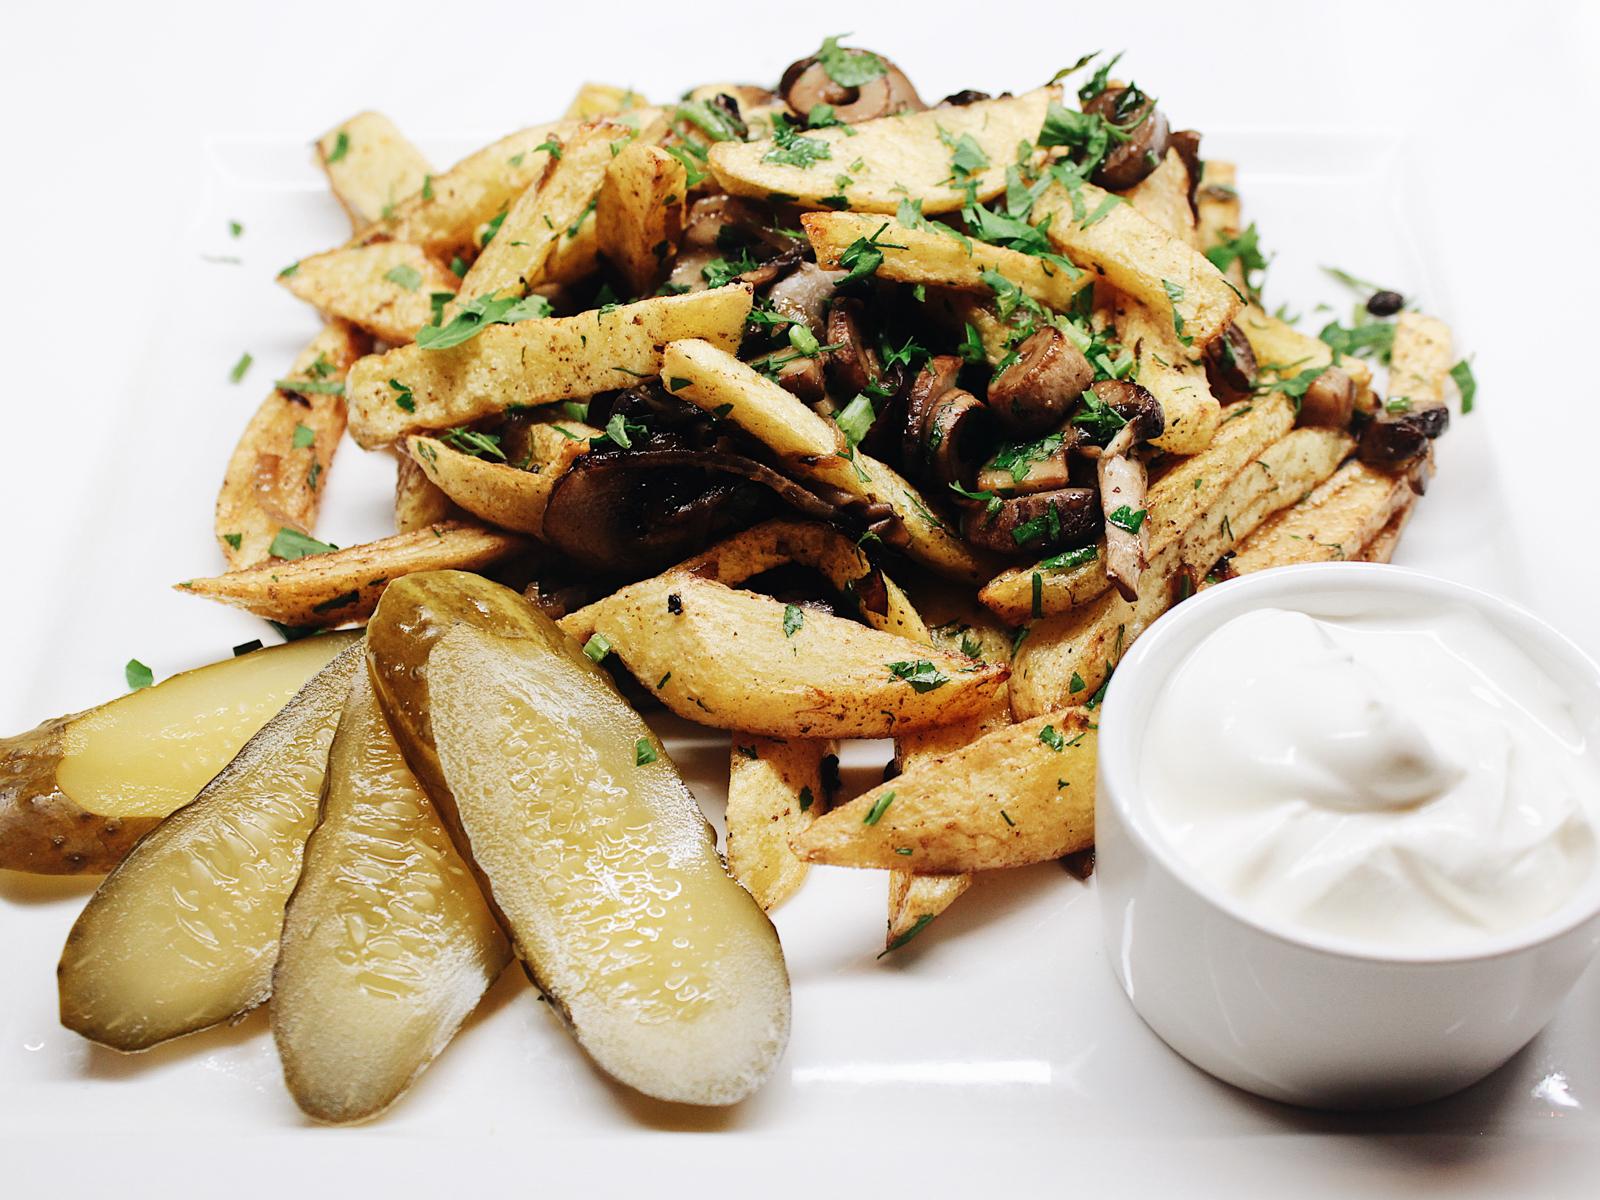 Картофель жареный с грибами и лучком